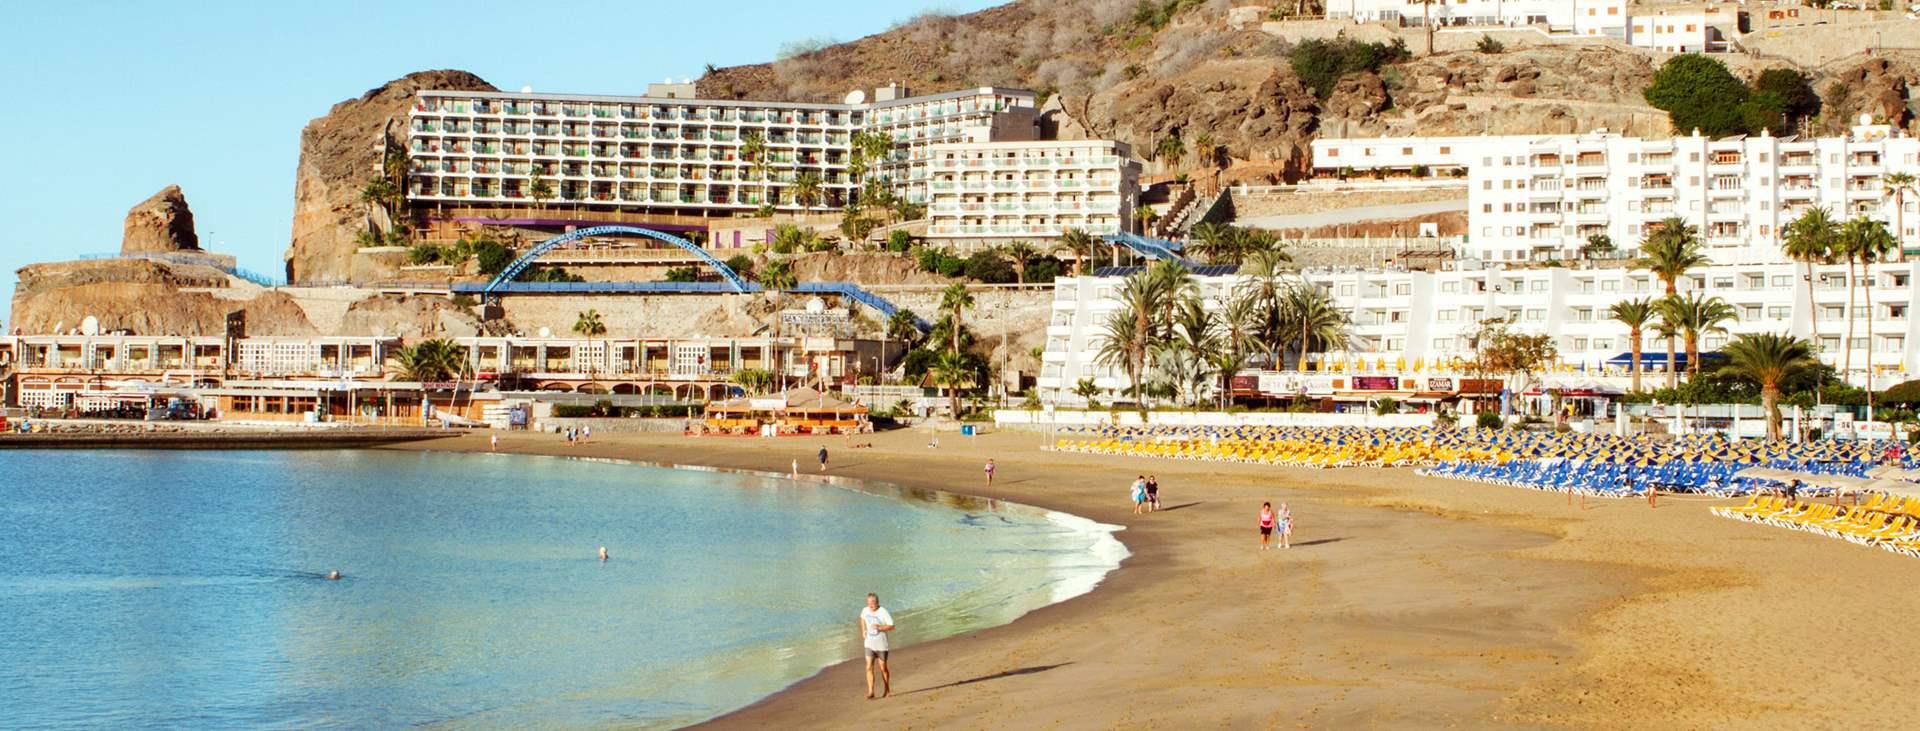 Rejser Til Puerto Rico Pa Gran Canaria Med Spies